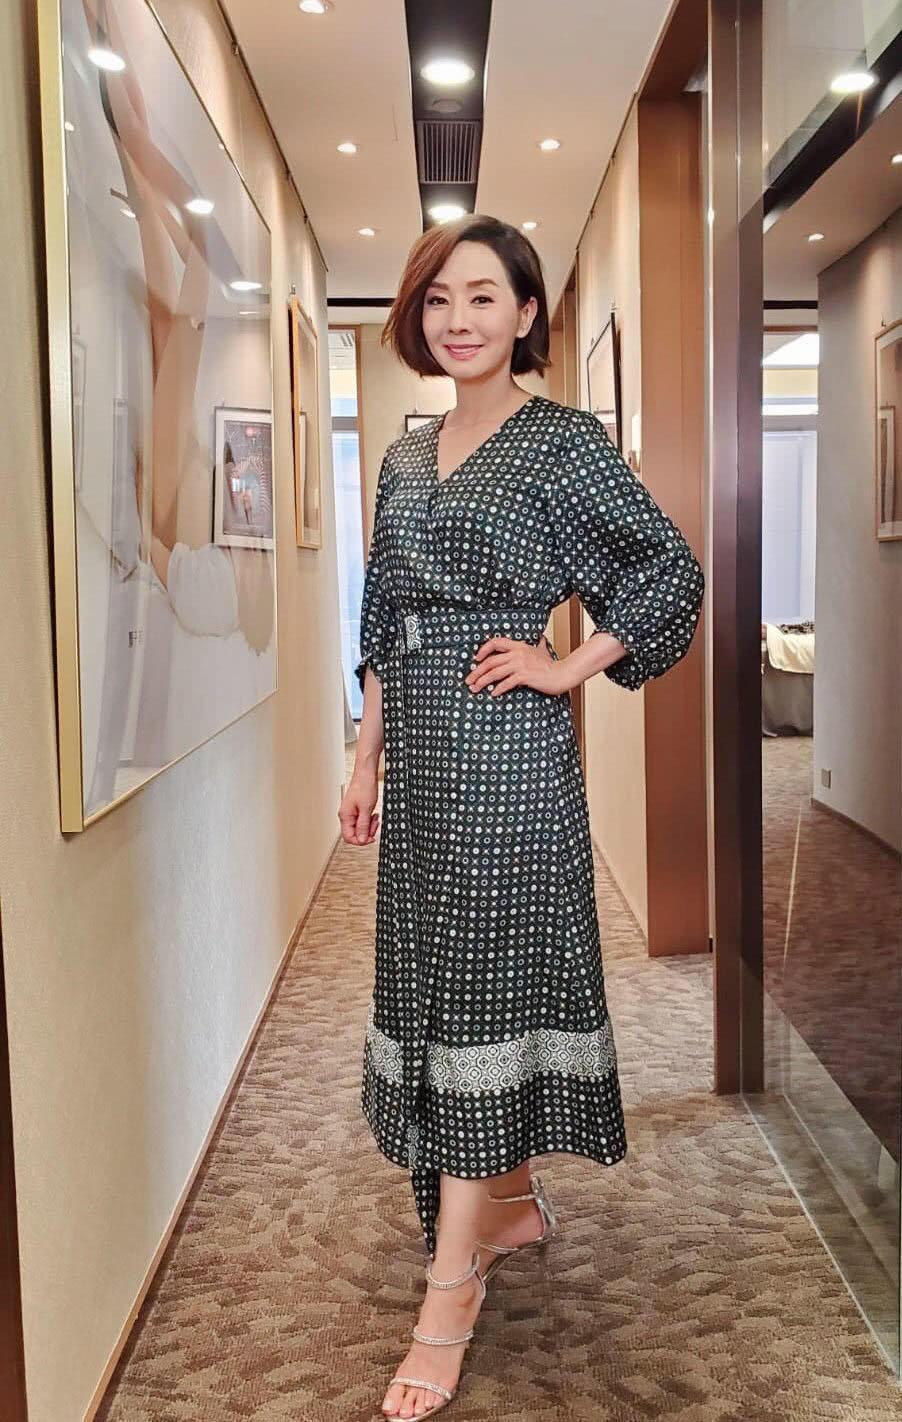 60岁毛舜筠越来越美了,一袭波点衬衫裙配波波头,优雅又迷人